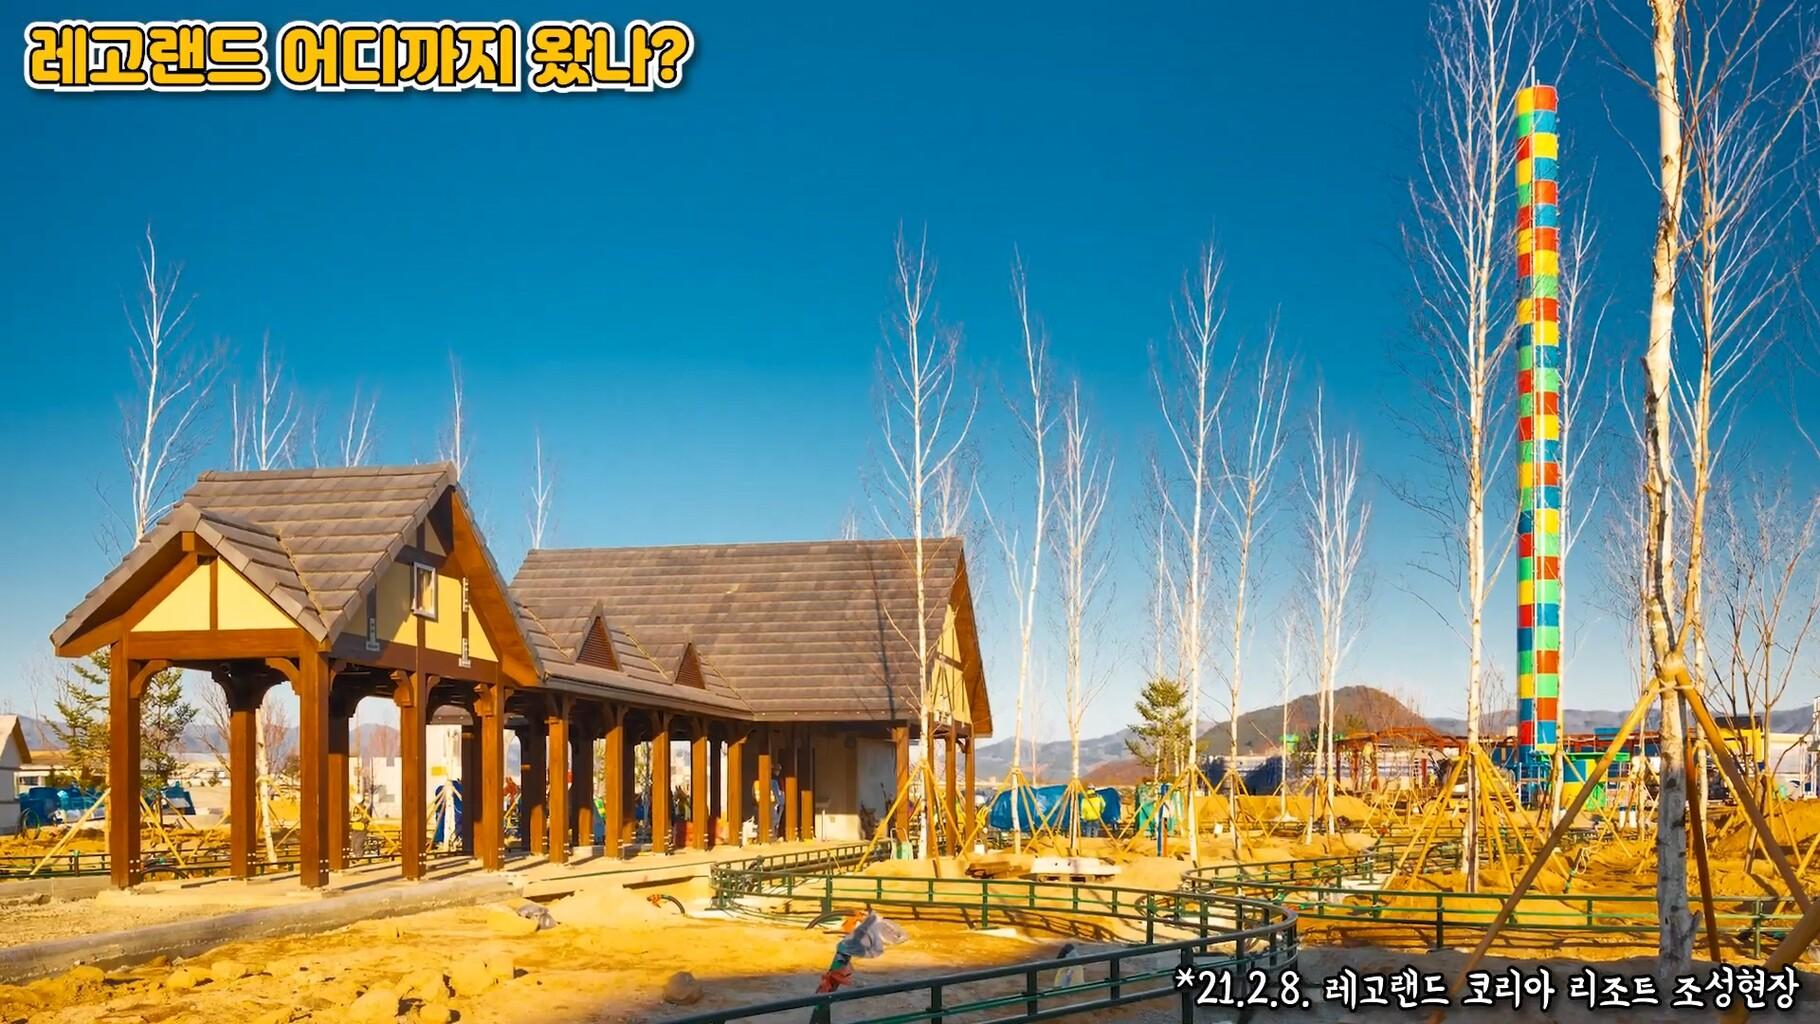 legoland-korea-47197000.jpg